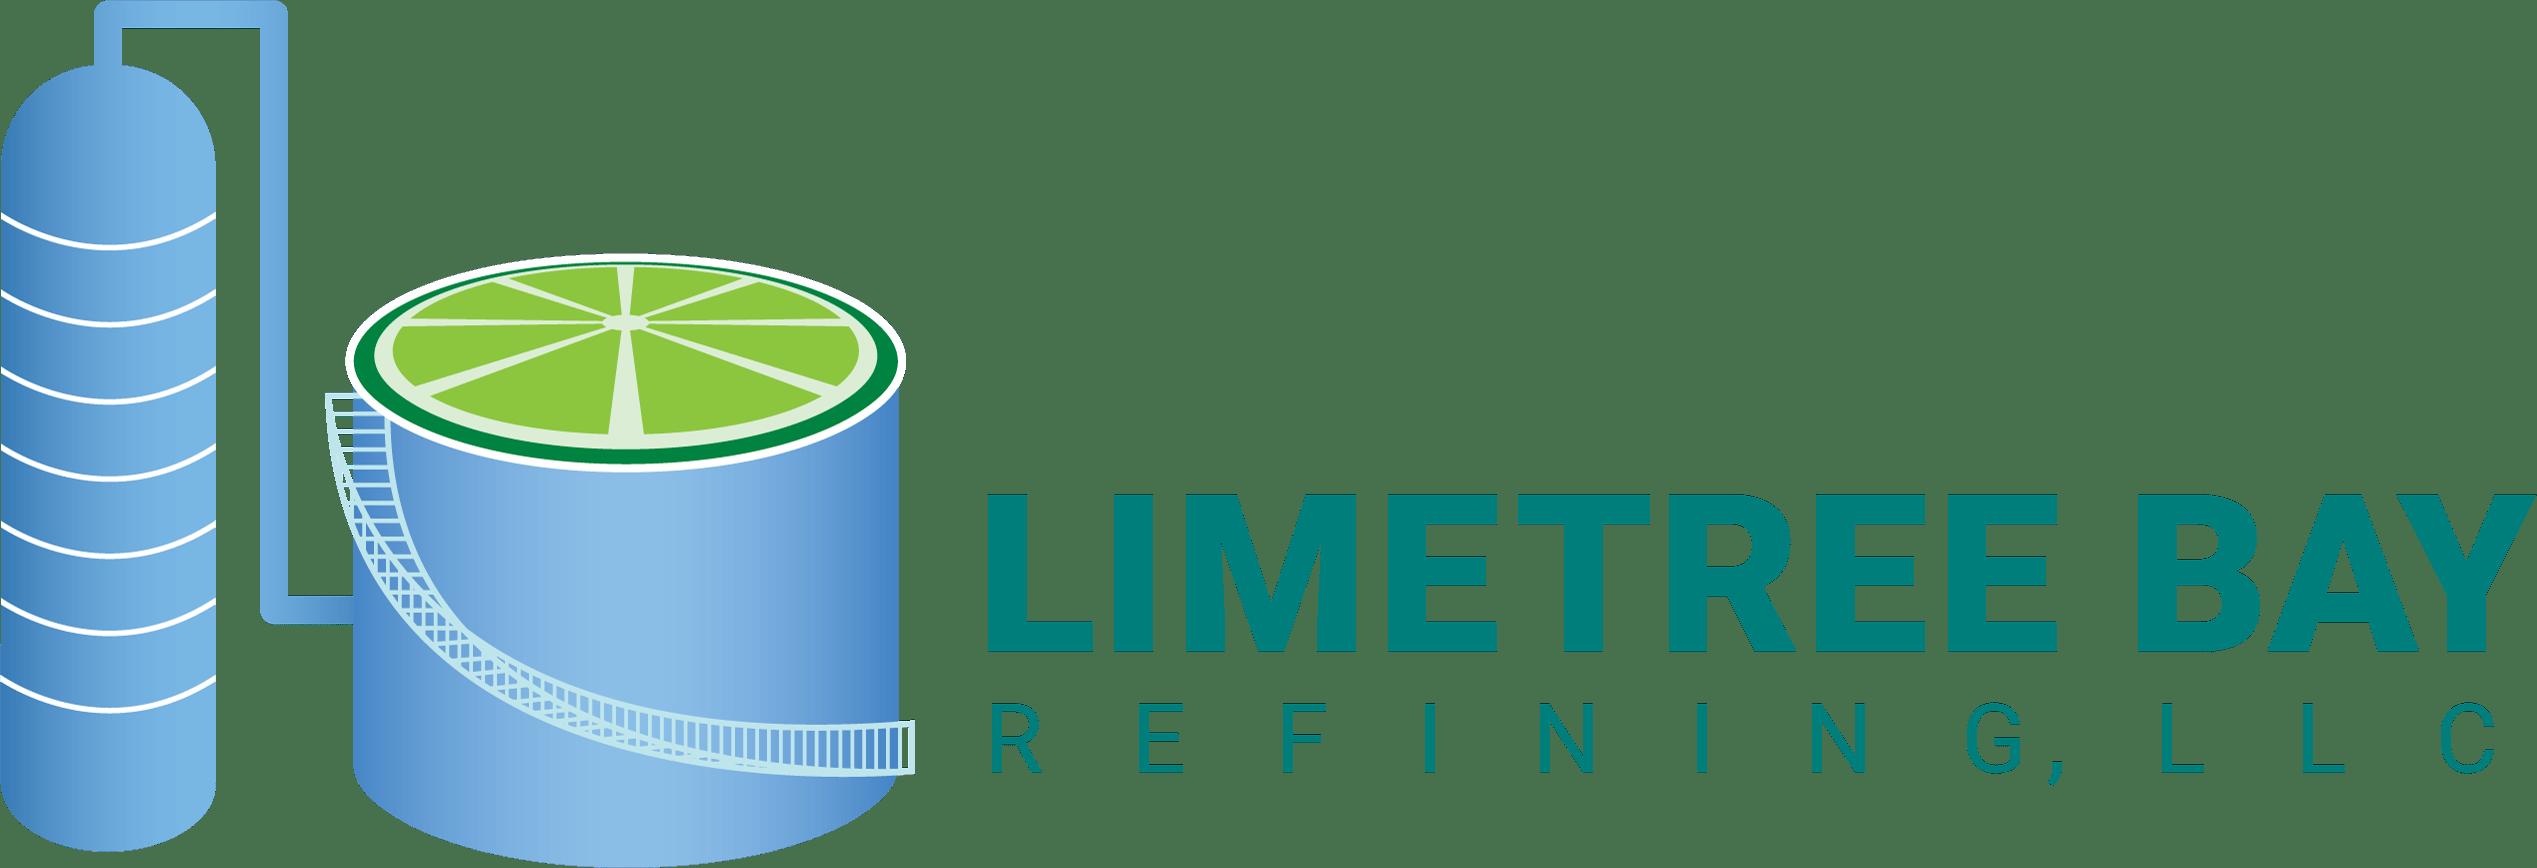 Limetree Bay logo